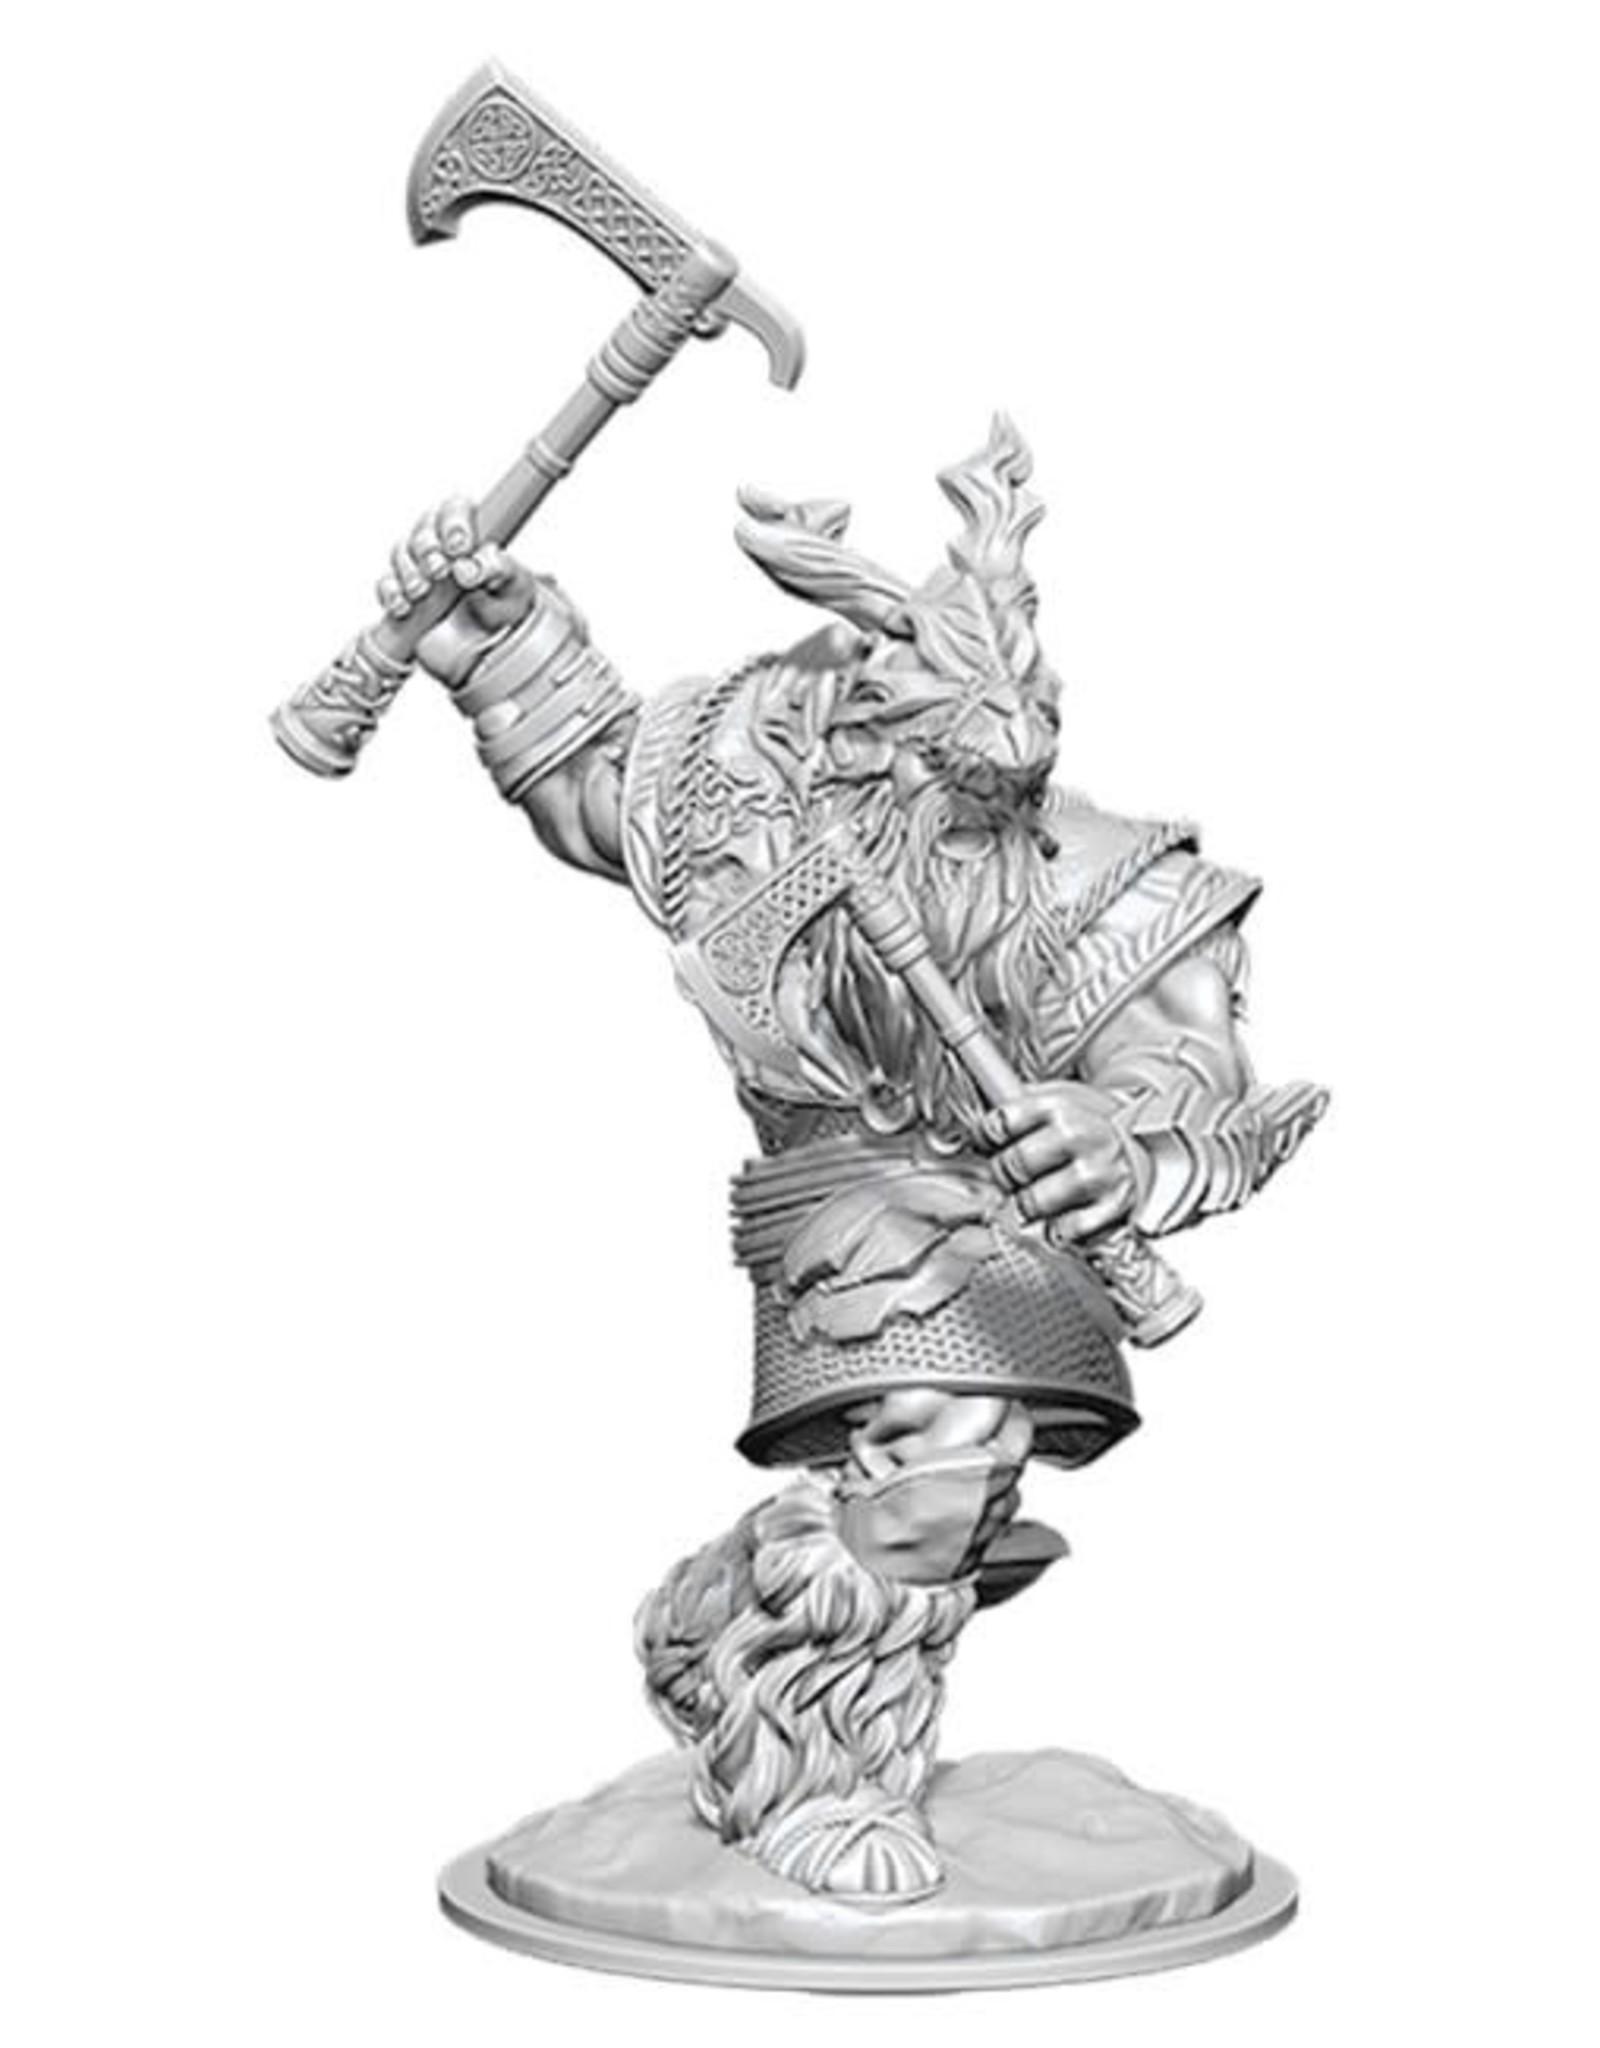 WizKids D&D Nolzur Frost Giant  (He/Him/They/Them)